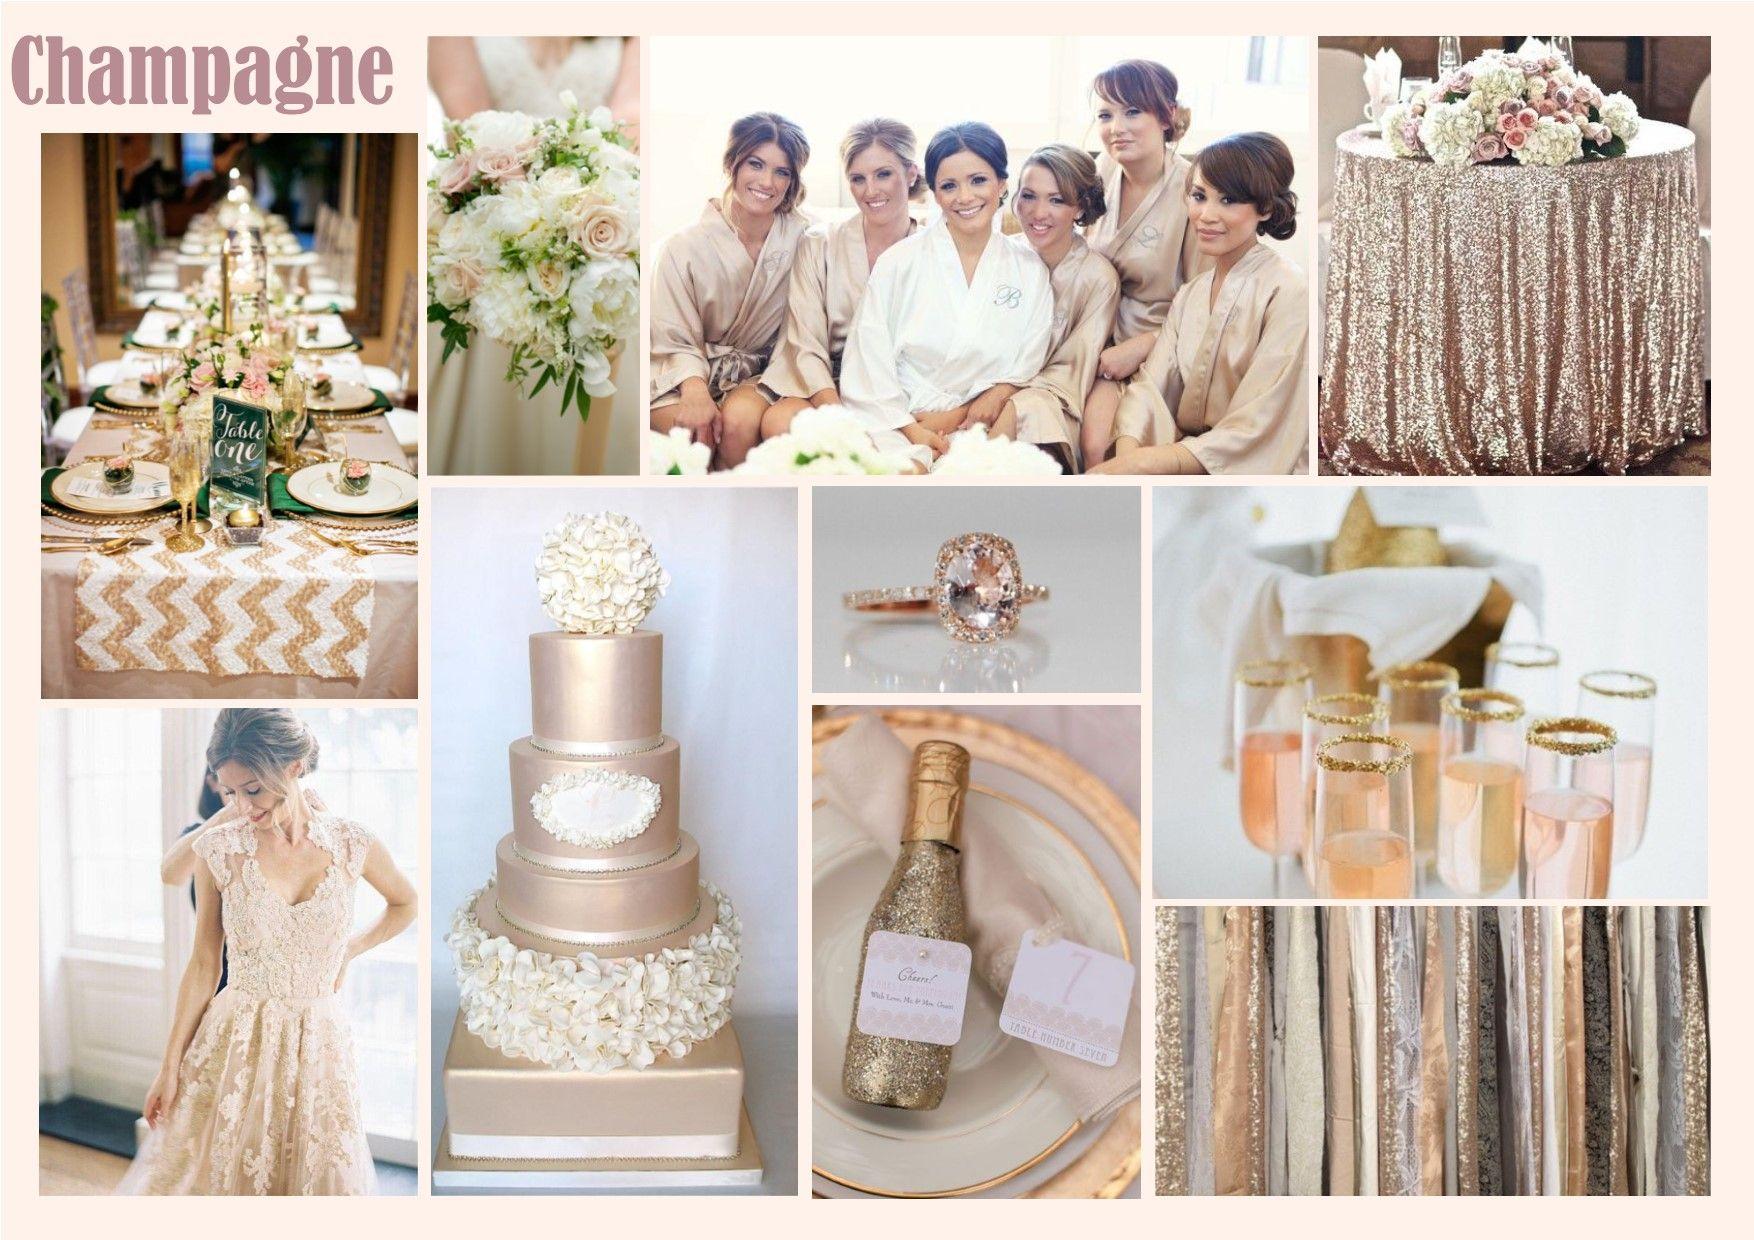 peach champagne wedding - Google Search | Wedding Decor & Flowers ...